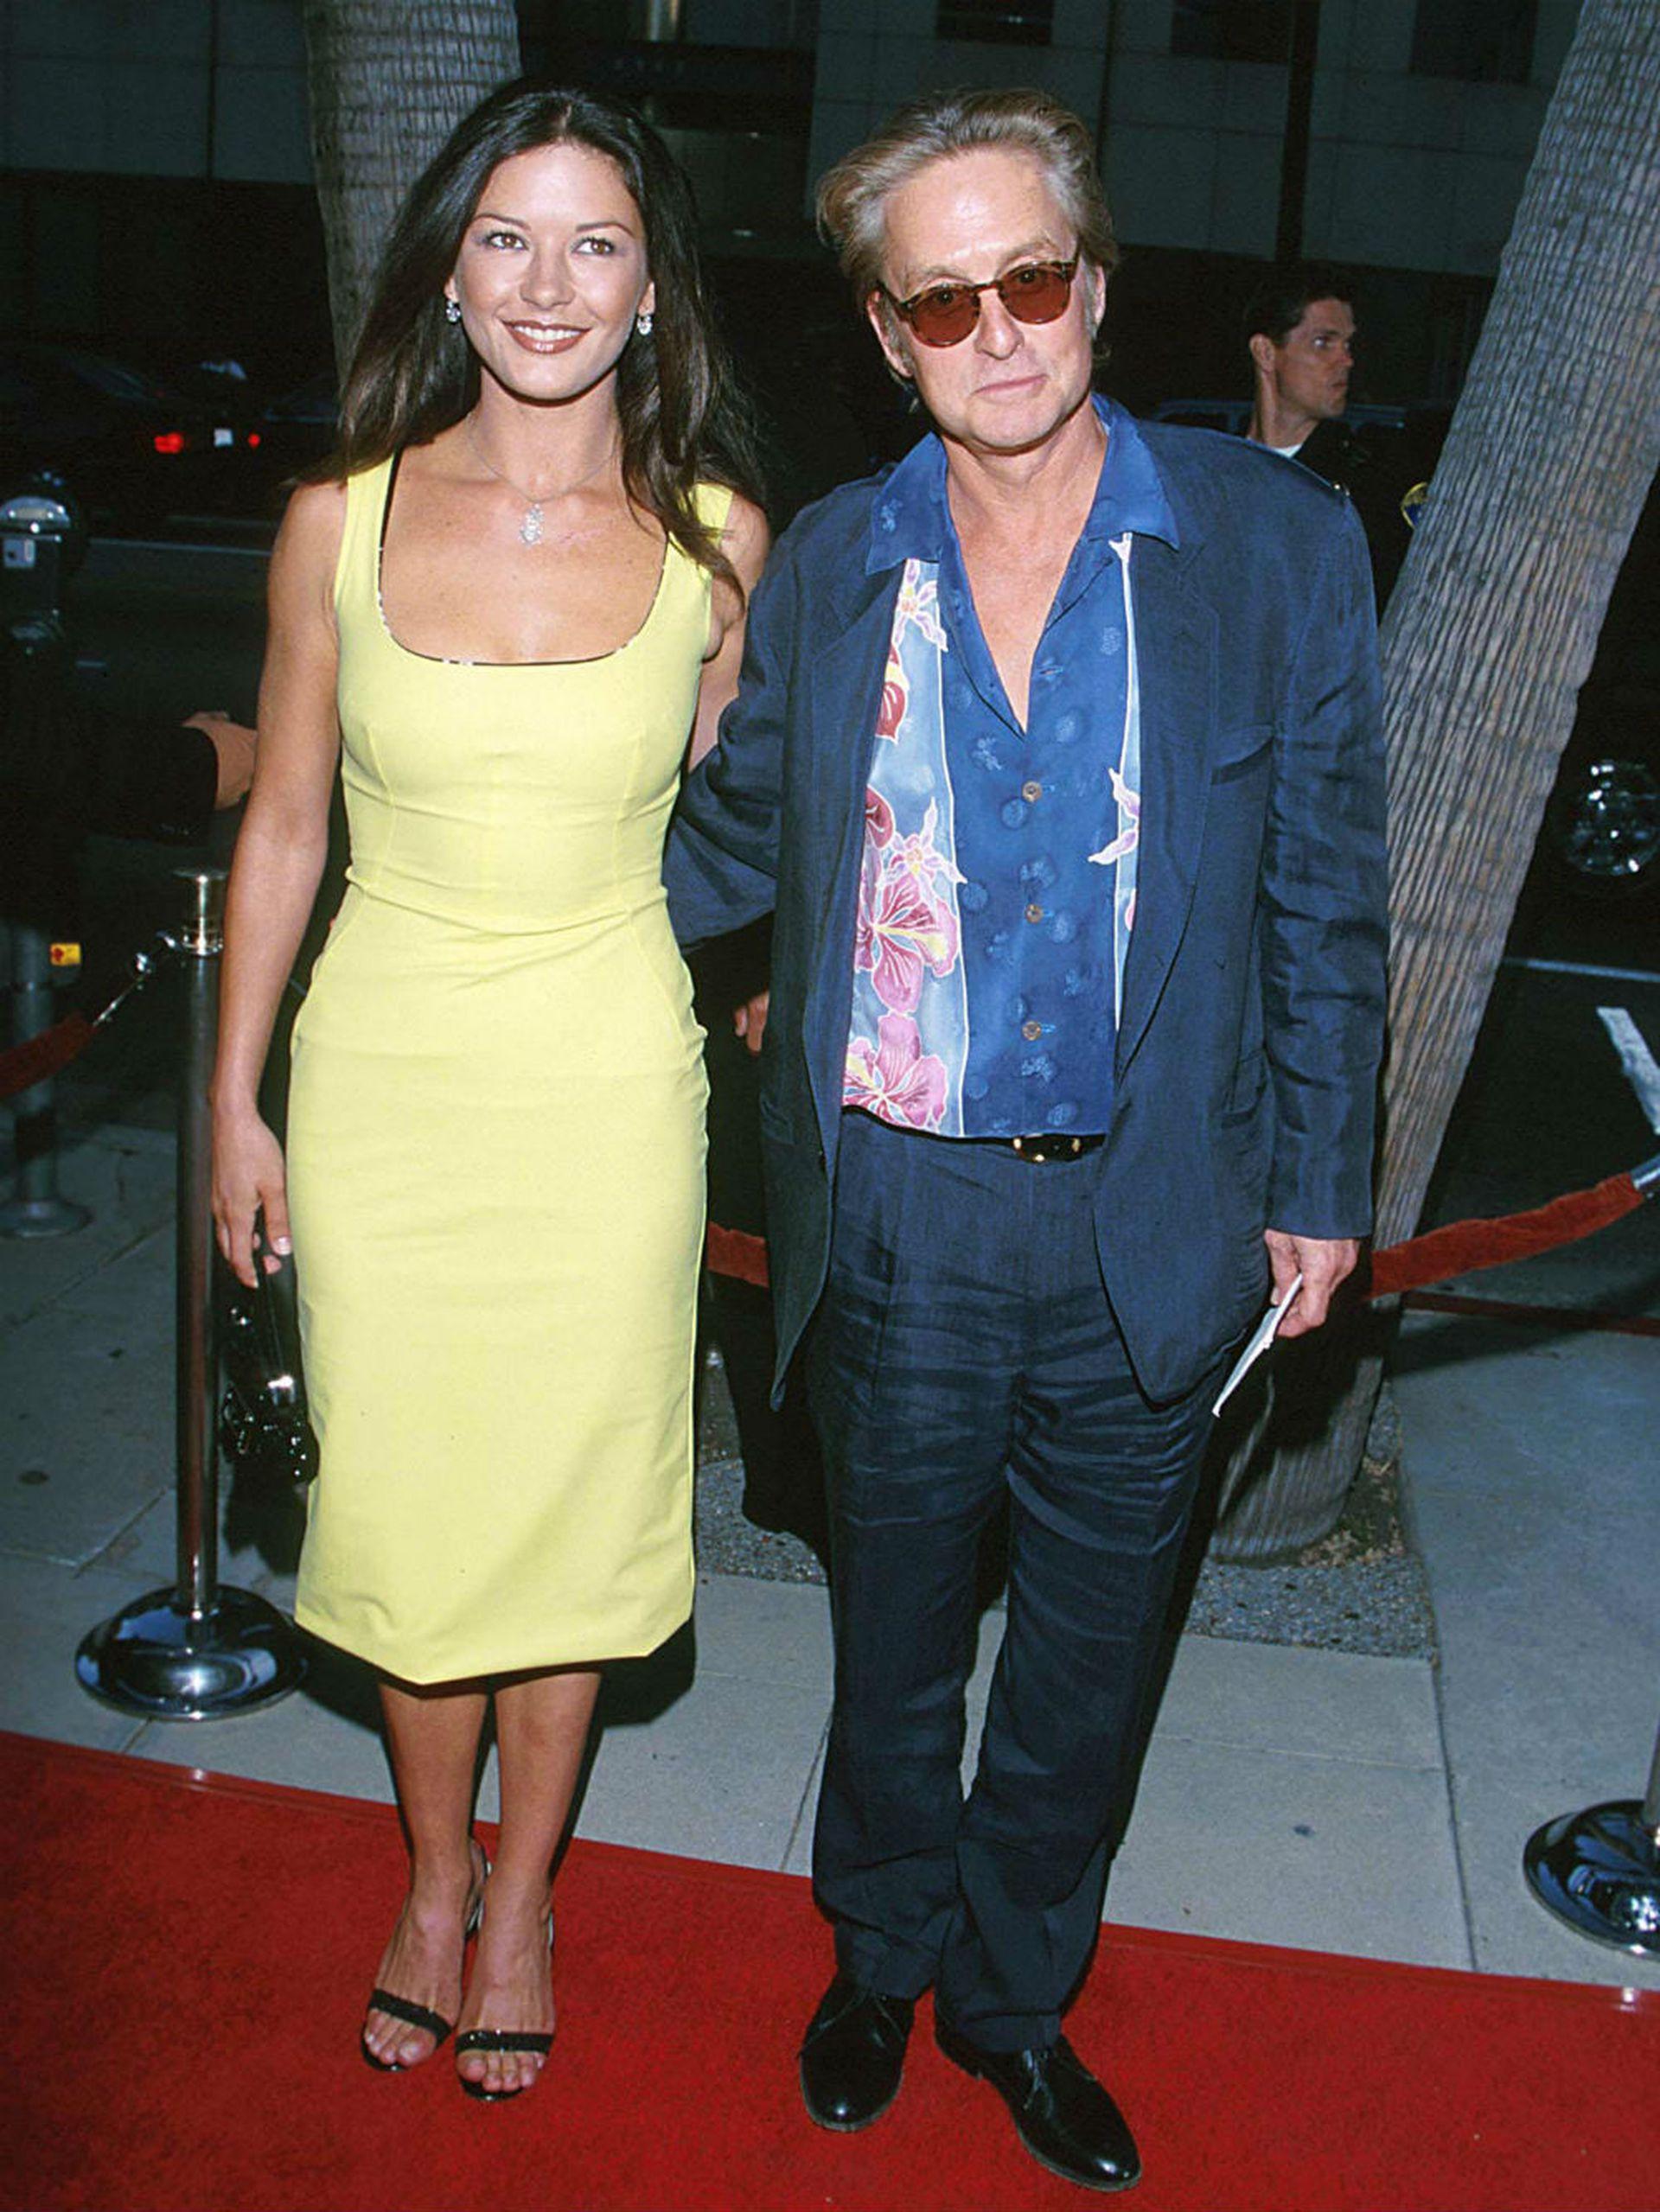 La pareja hizo pública su relación en el año 1999